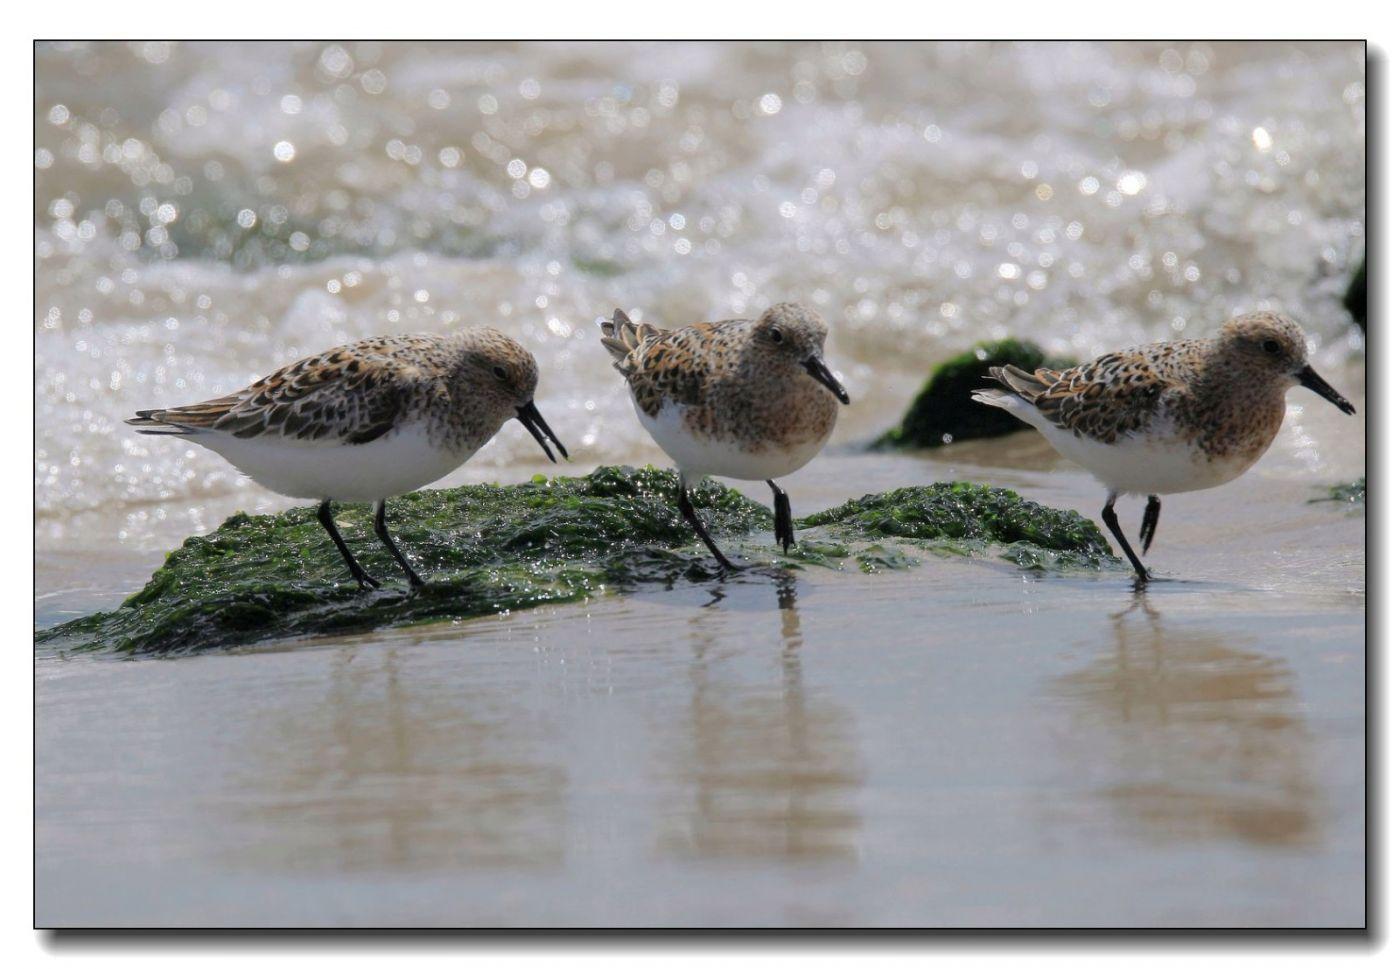 洛克威海滩拍鸟—滨鹬_图1-12